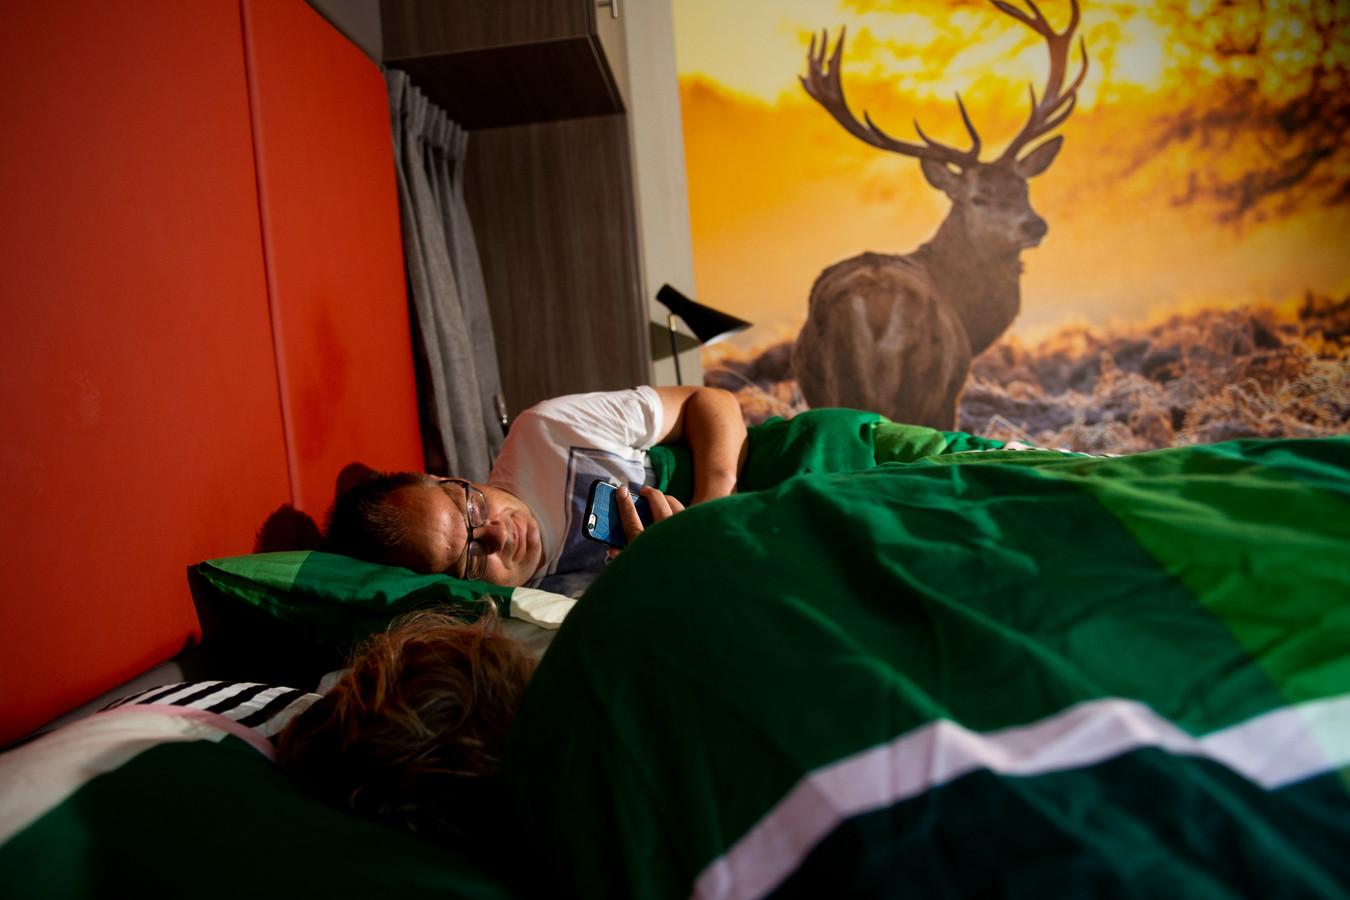 Stentor-verslaggever Rudi Hofman en zijn vrouw testen de anti-snurkfuncties van een 'slim' Aupingbed op vakantiepark Landal Miggelenberg in Hoenderloo.